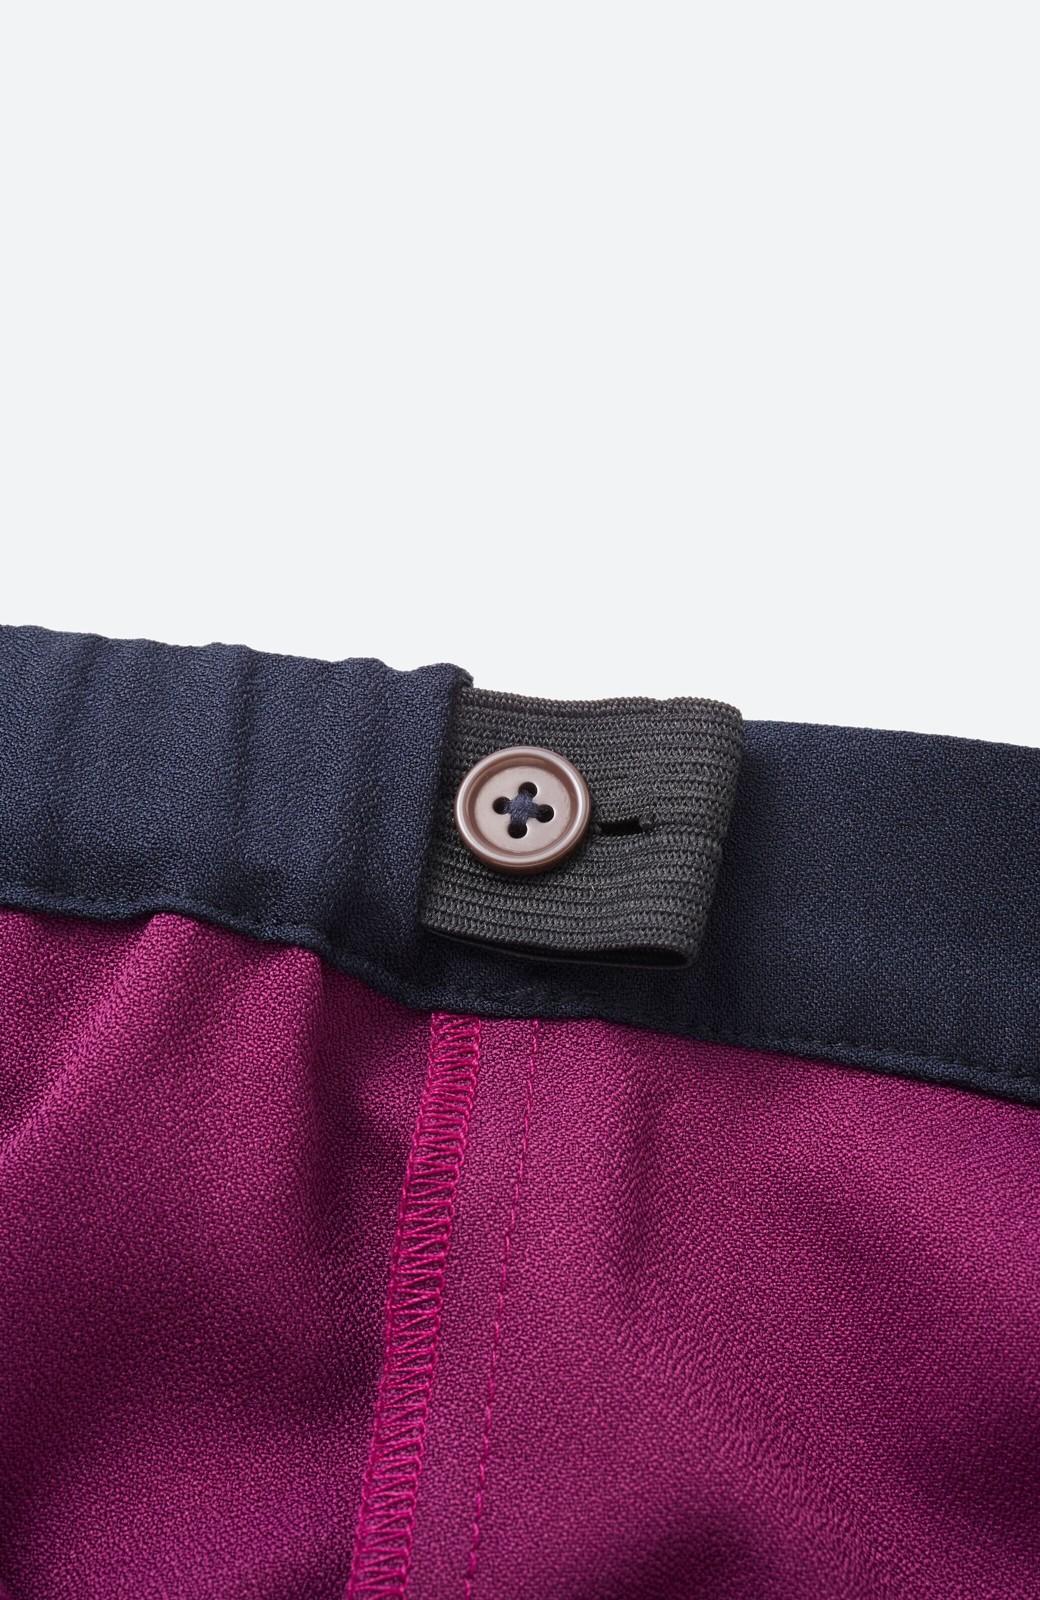 haco! 【背が小さい党】丈もウエストもぴったりサイズ!背が小さくたってすらーっと見えるプリーツスカート <ネイビー>の商品写真6